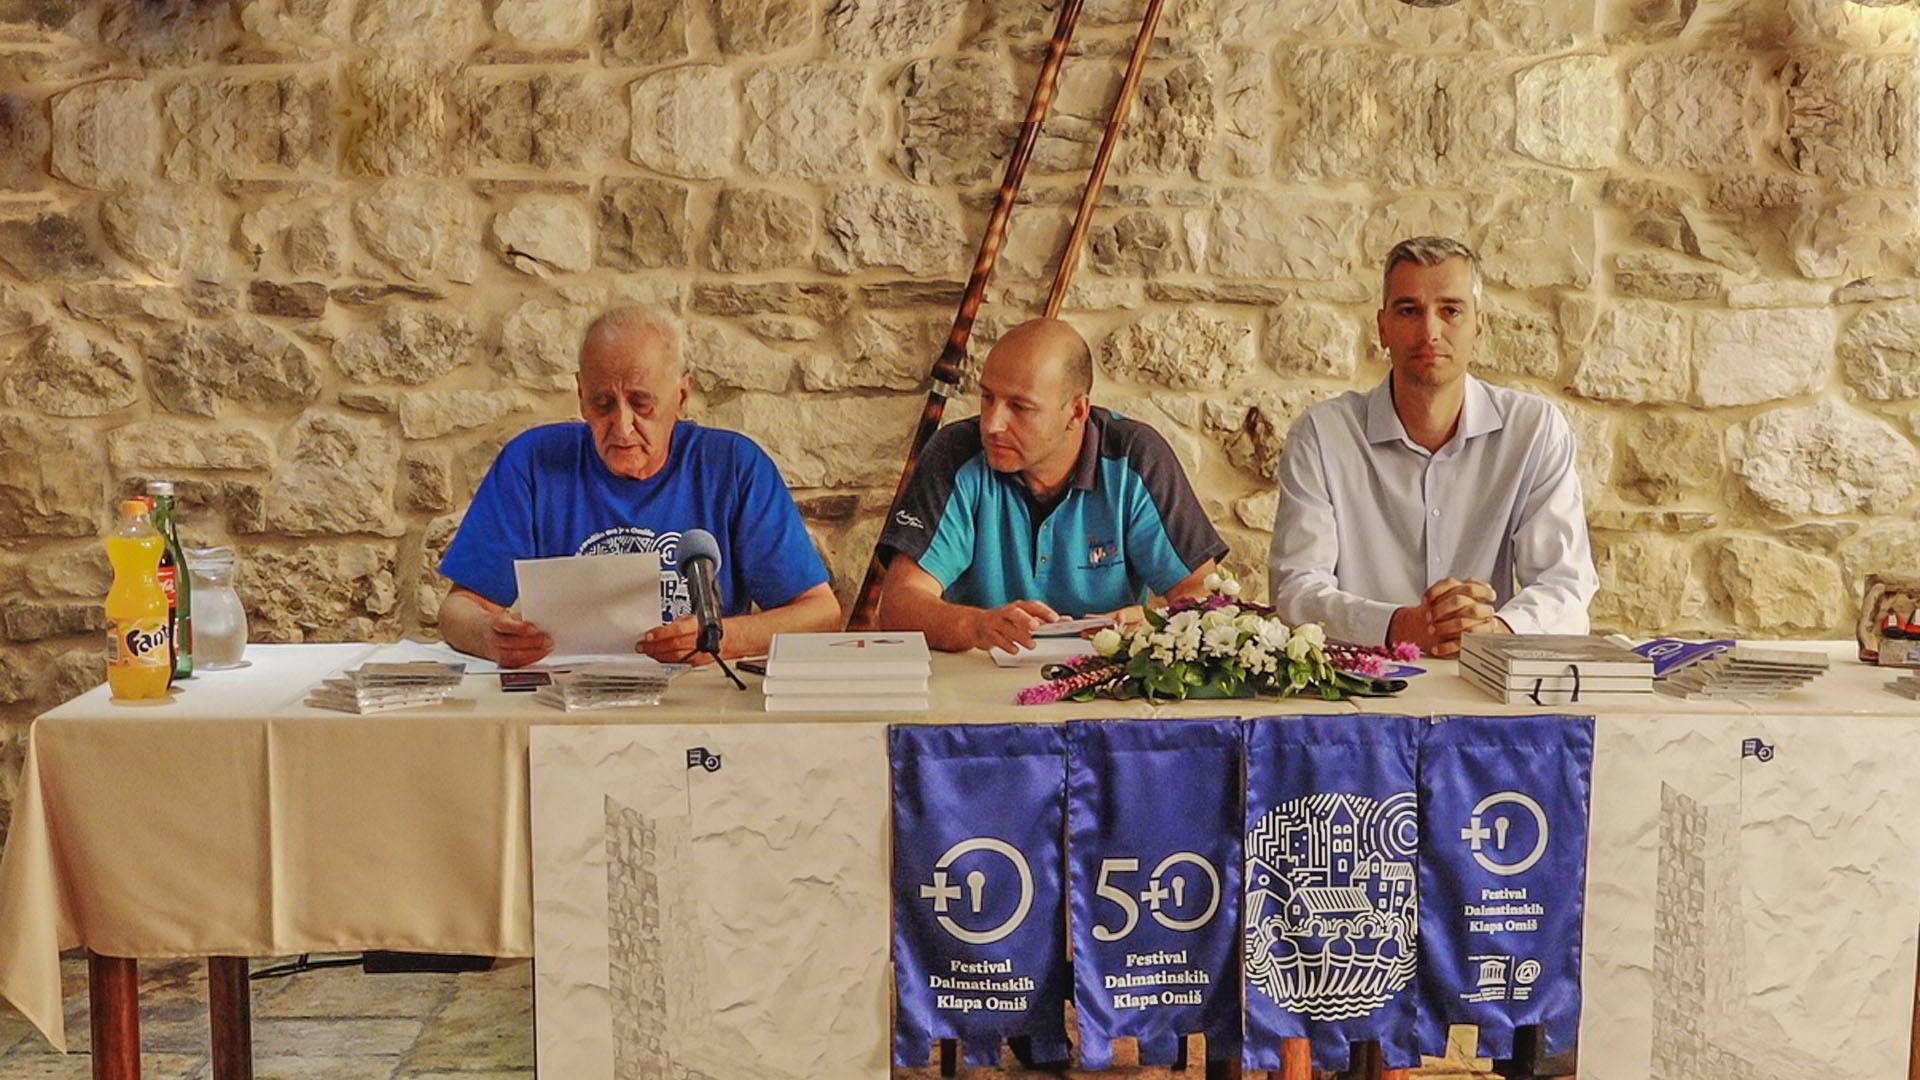 Prijave klapa za 51. Festival dalmatinskih klapa